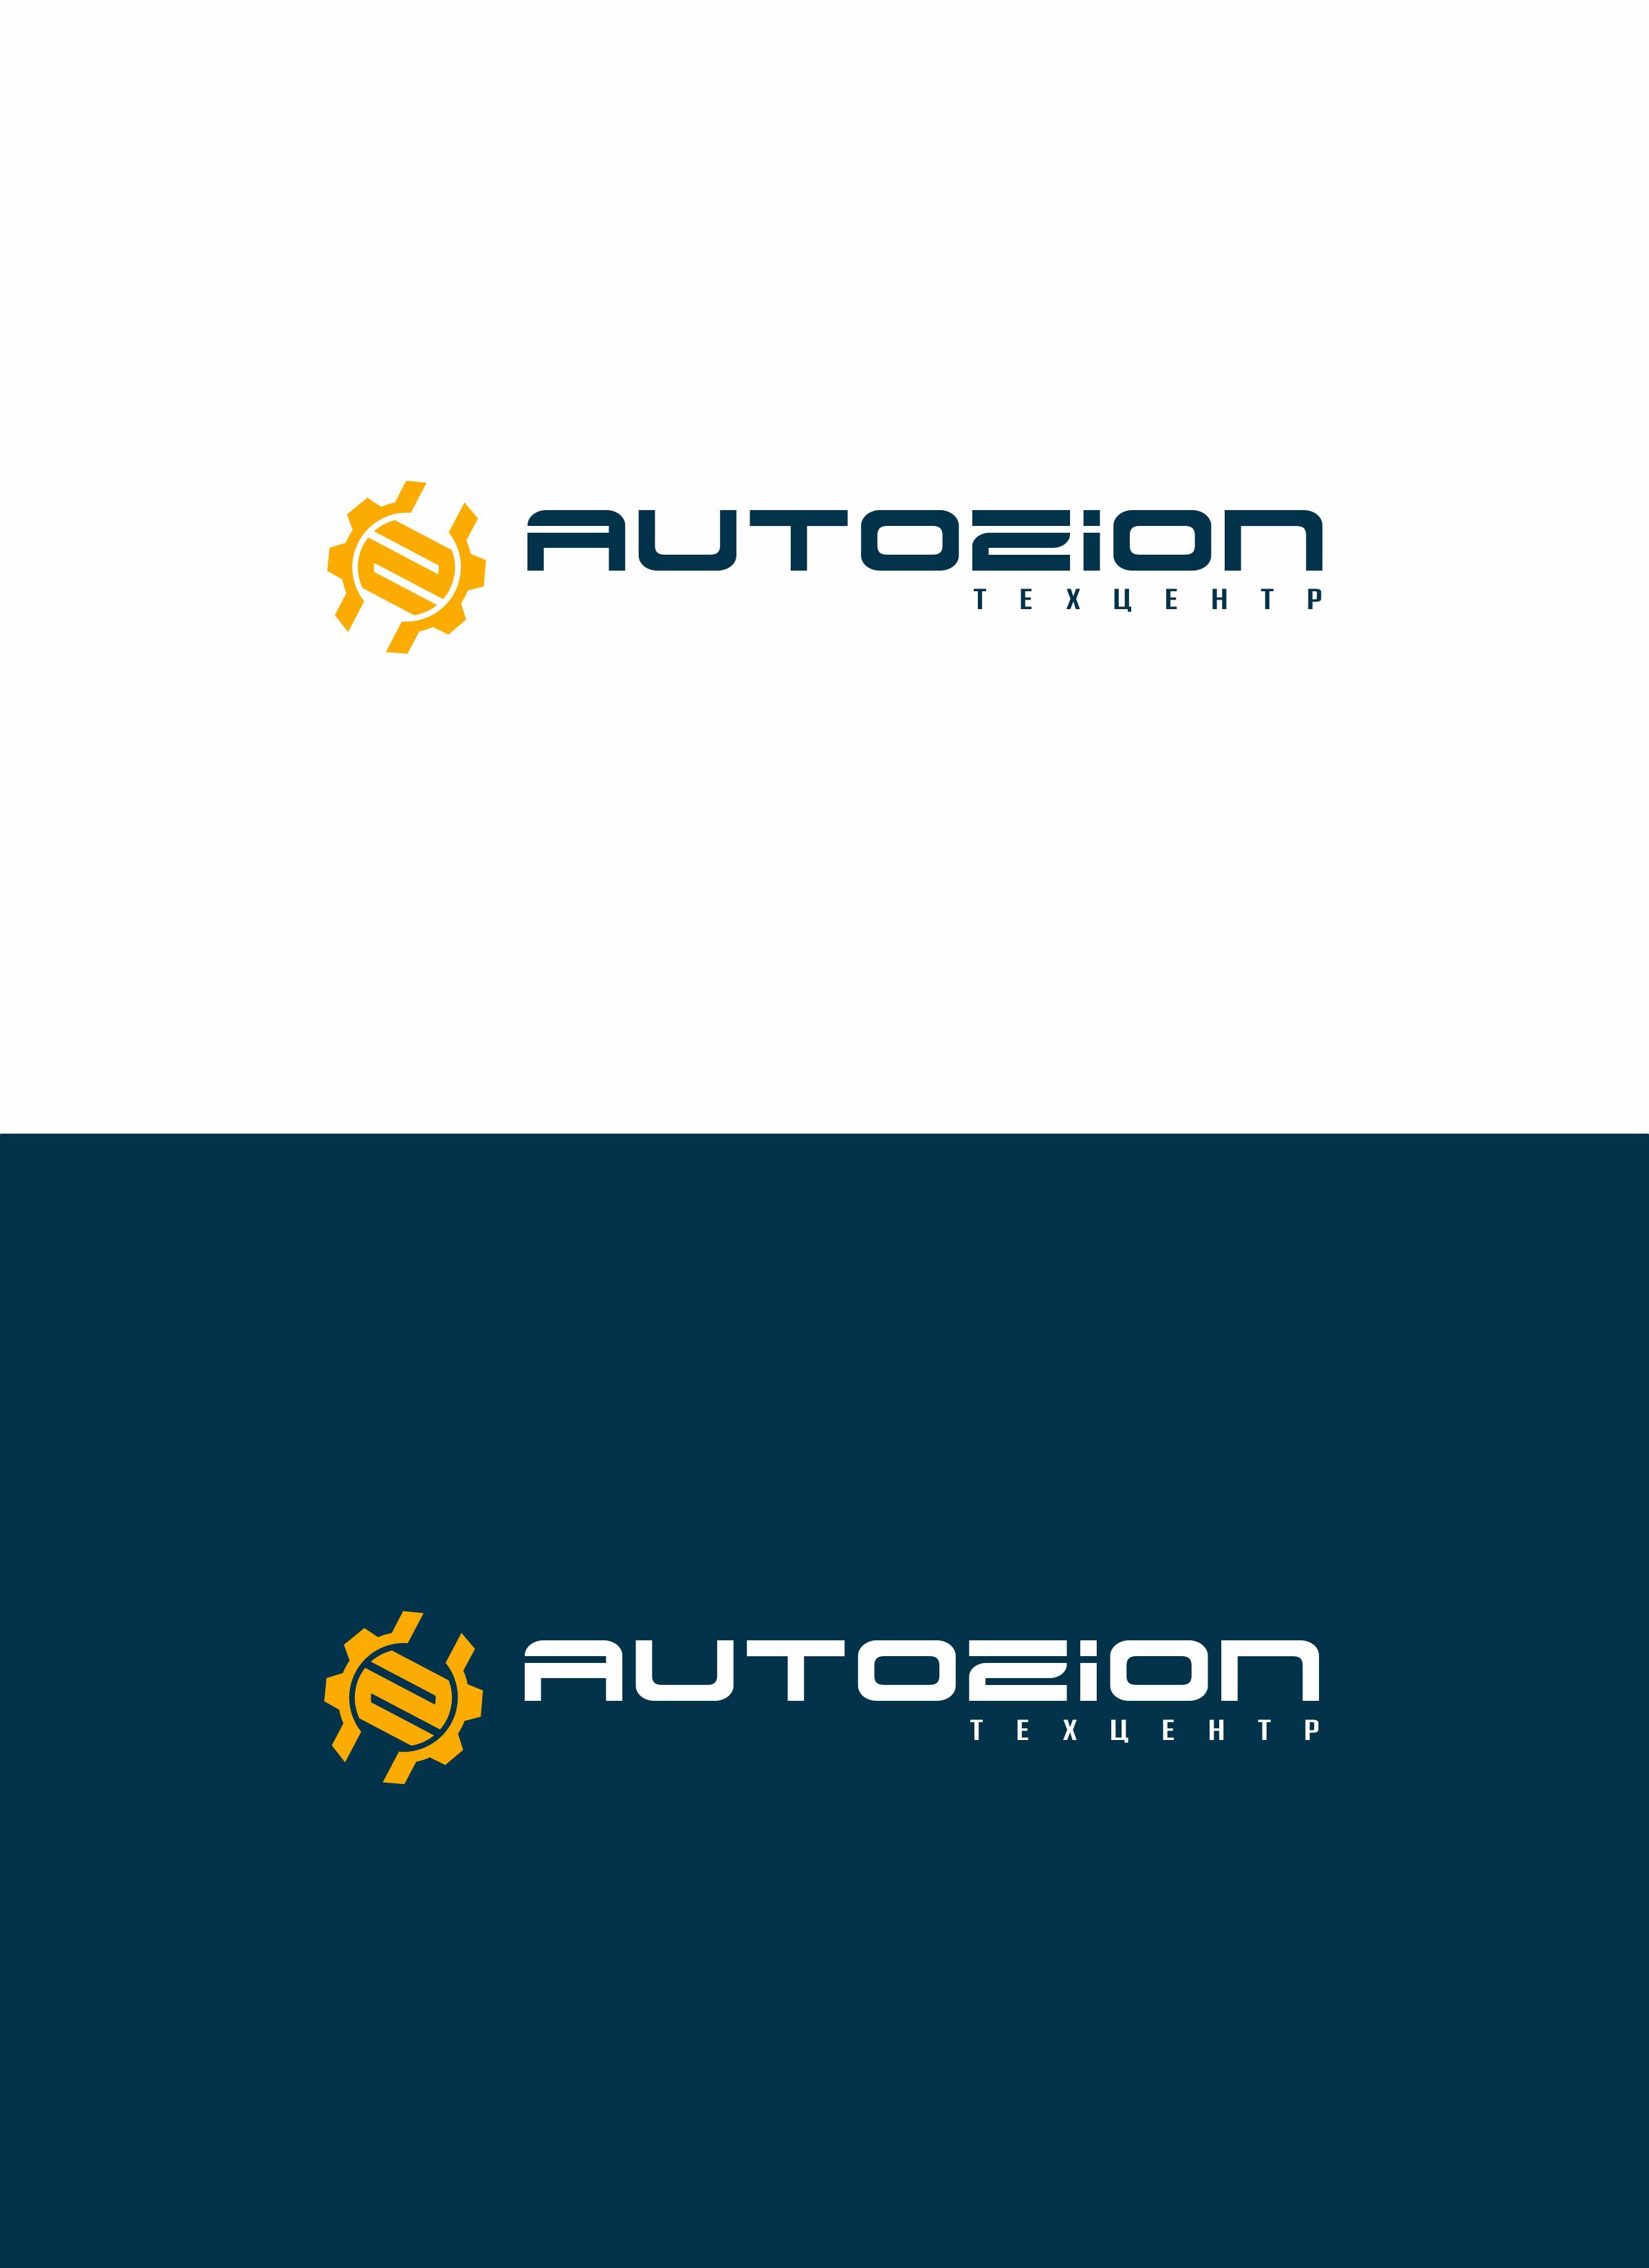 Разработка фирменного стиля для автосервиса фото f_2035c938fd684143.png